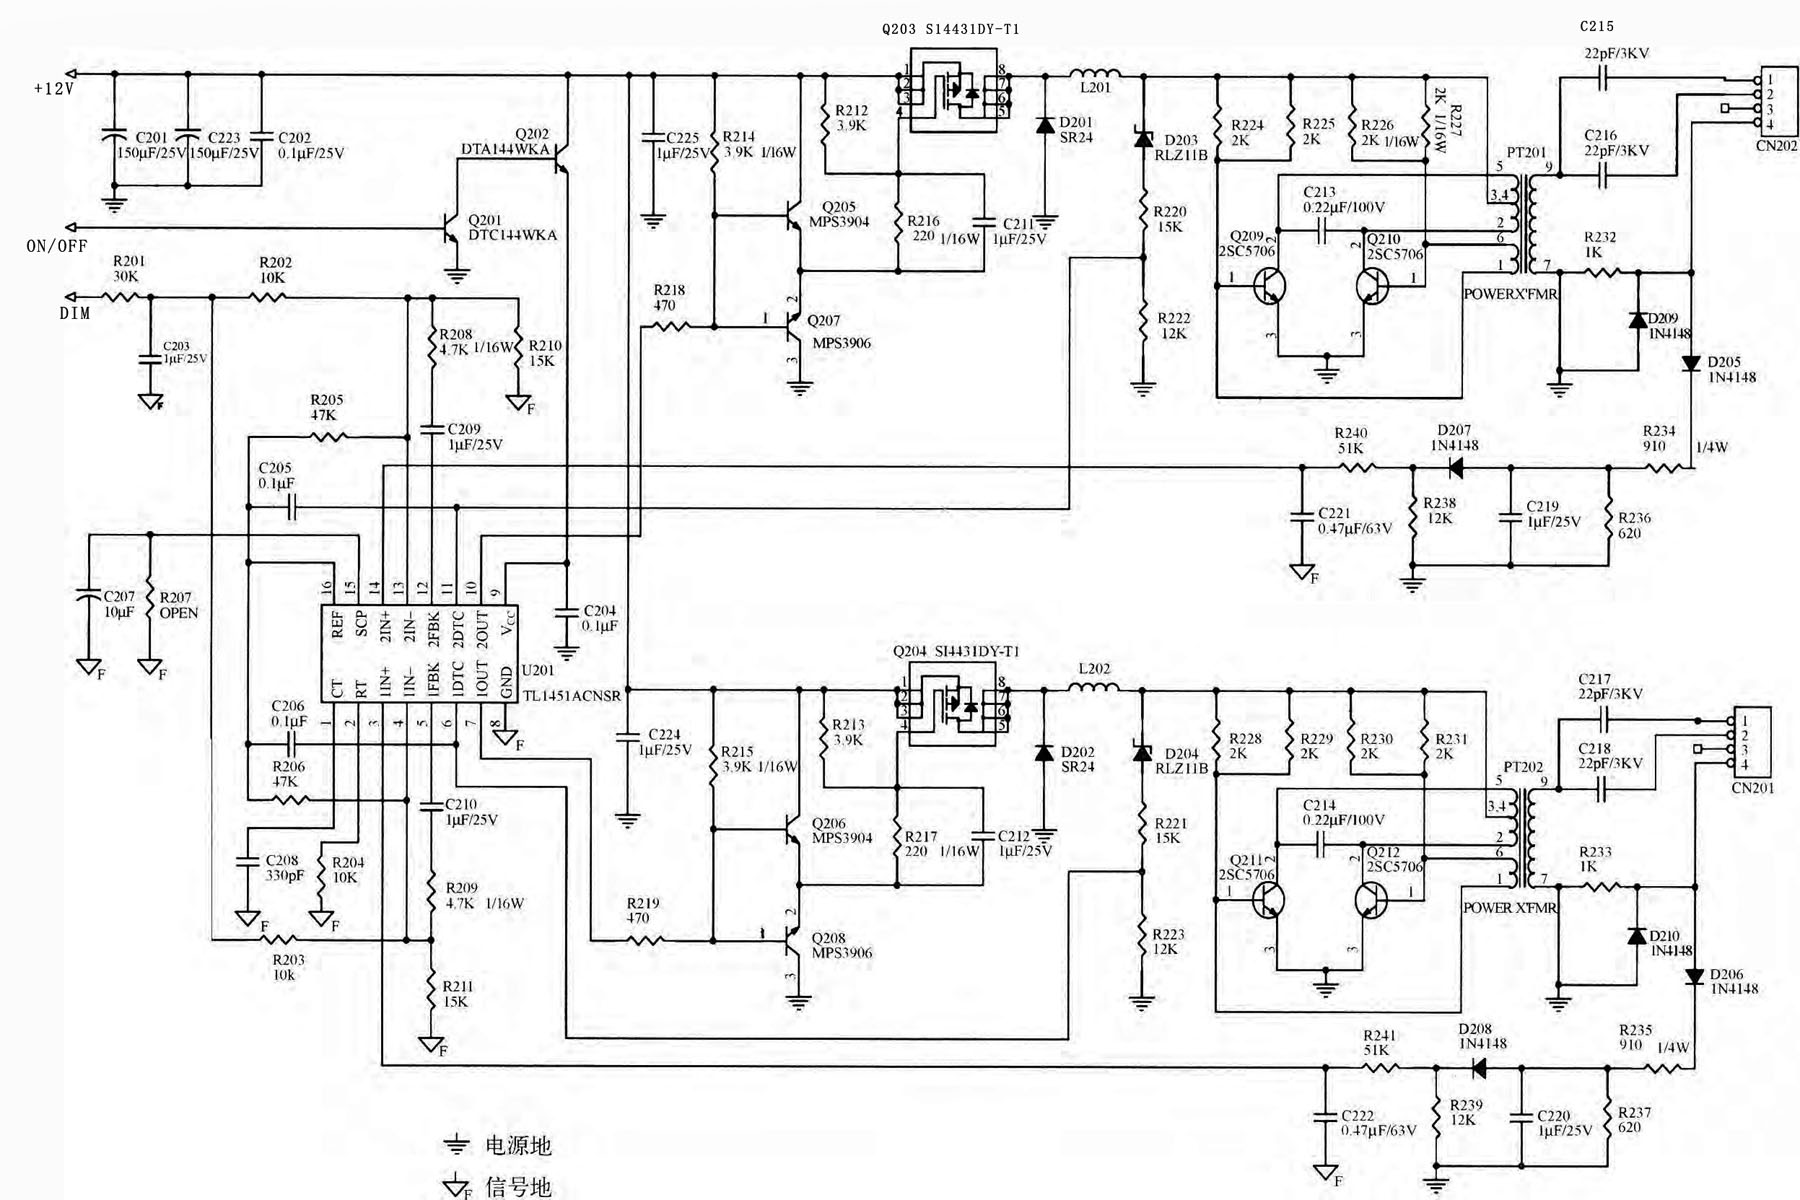 """图2 """"tl1451 royer结构驱动电路""""高压板电路"""